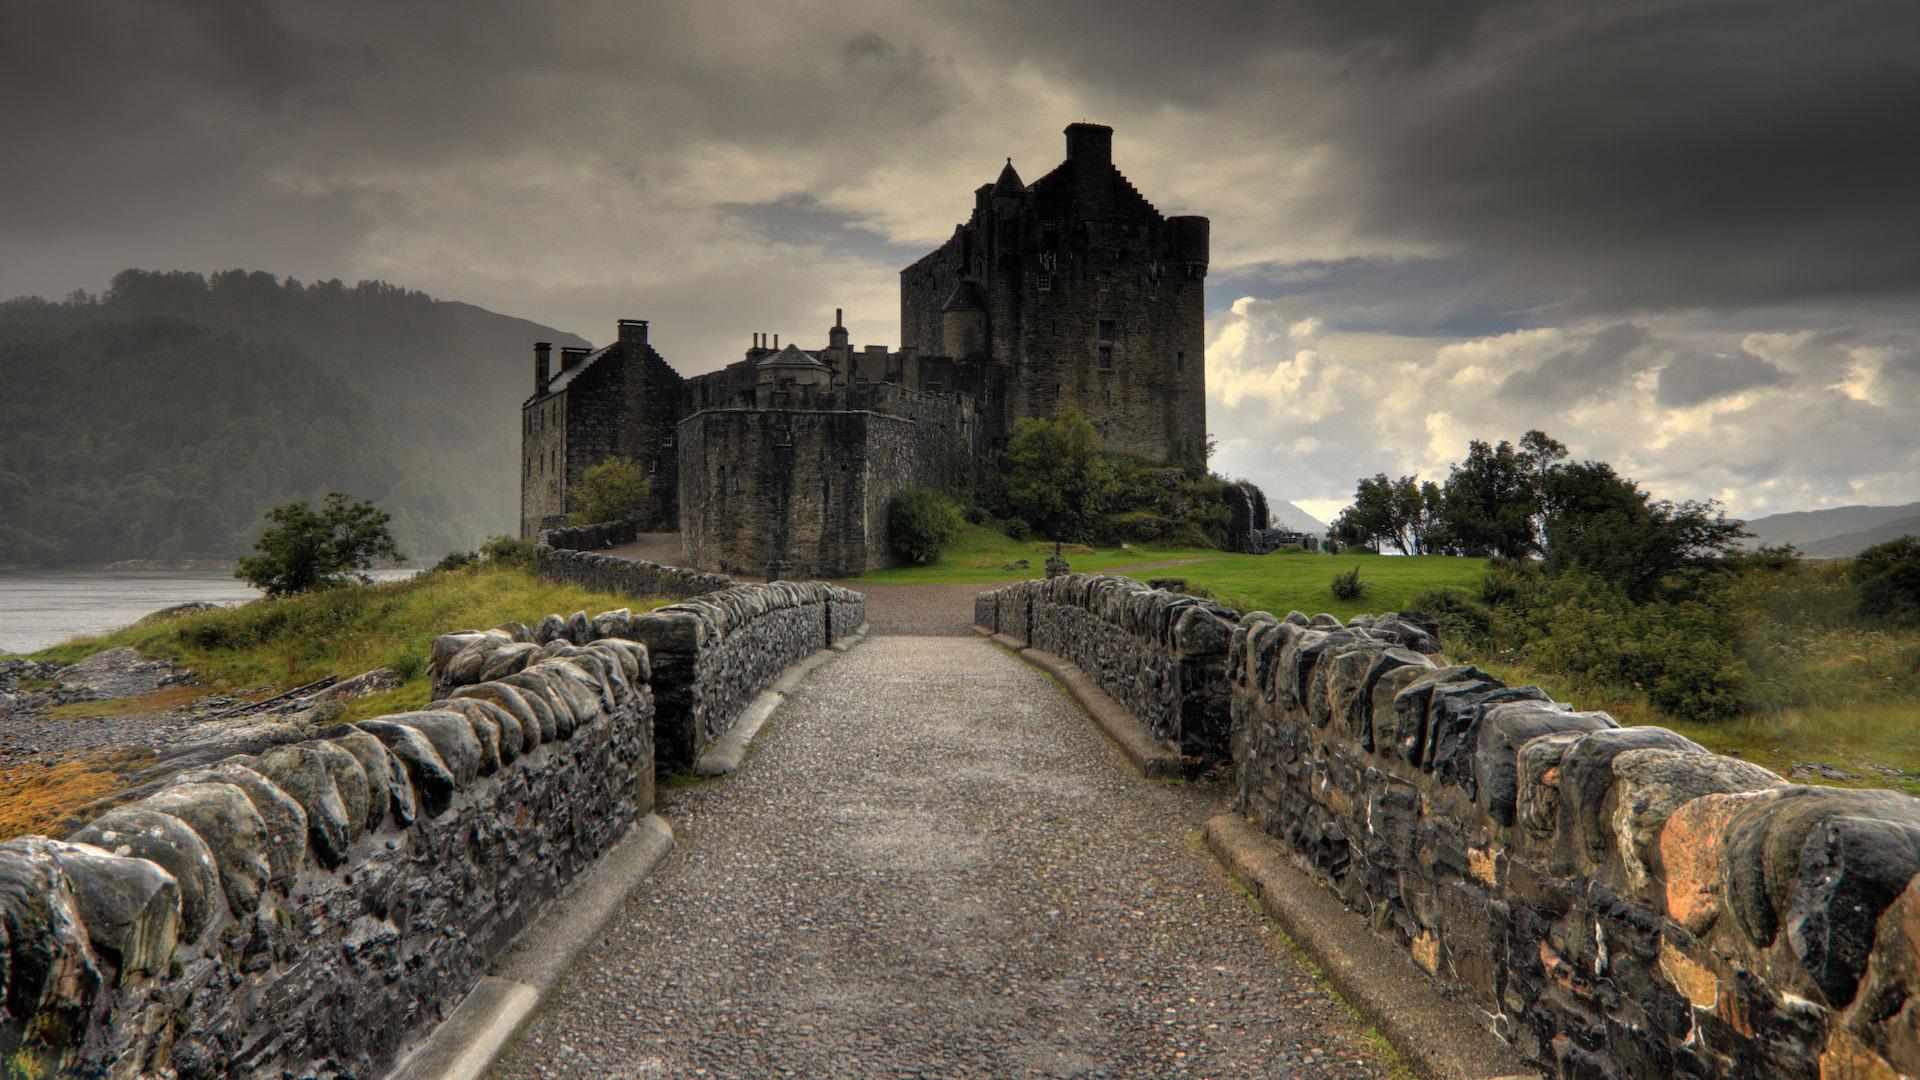 fantastic castle wallpaper 41642